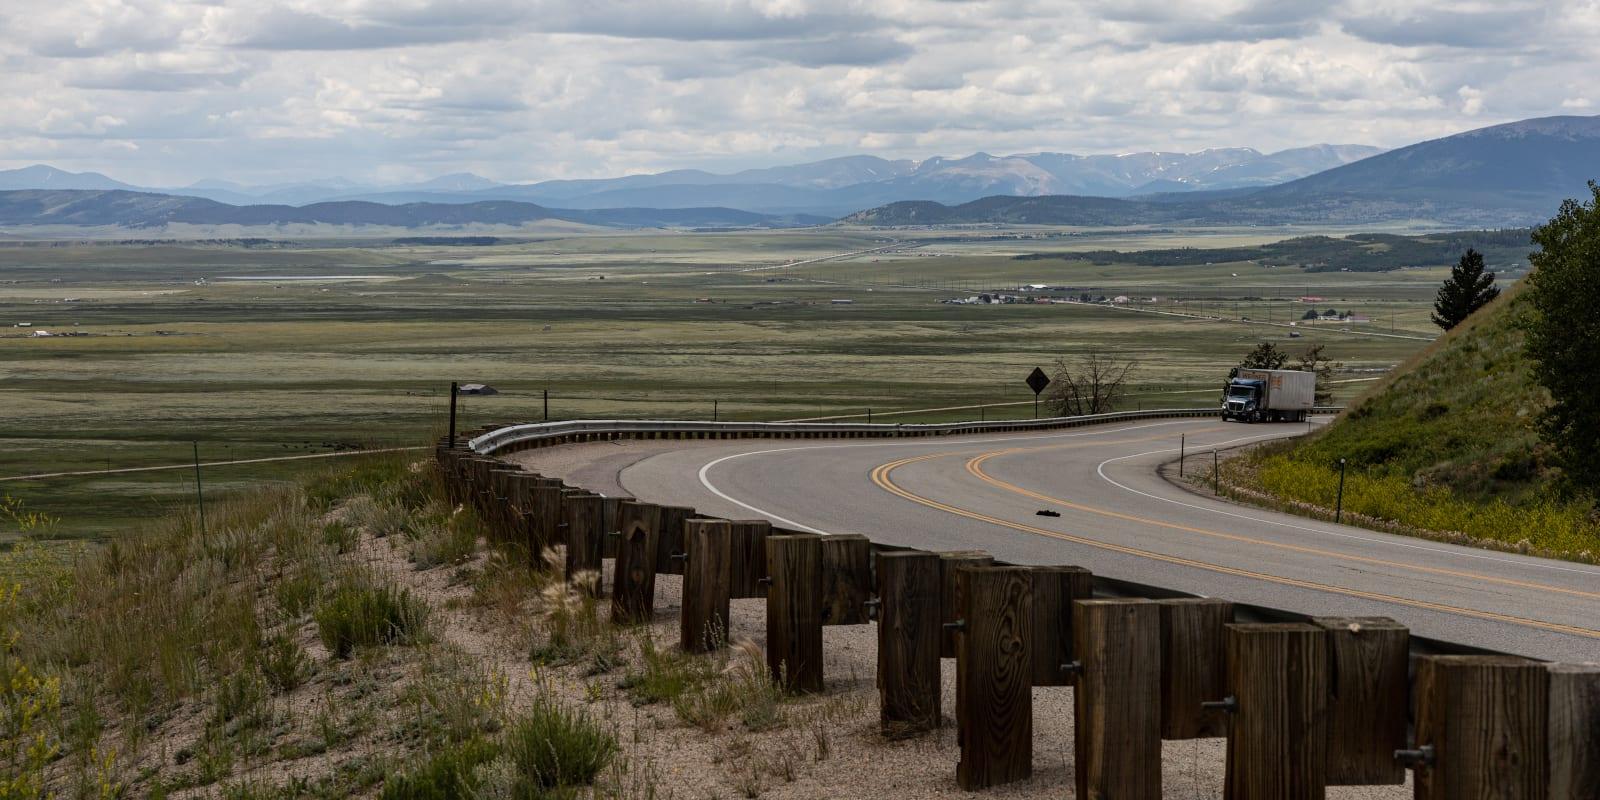 Kenosha Pass, Colorado